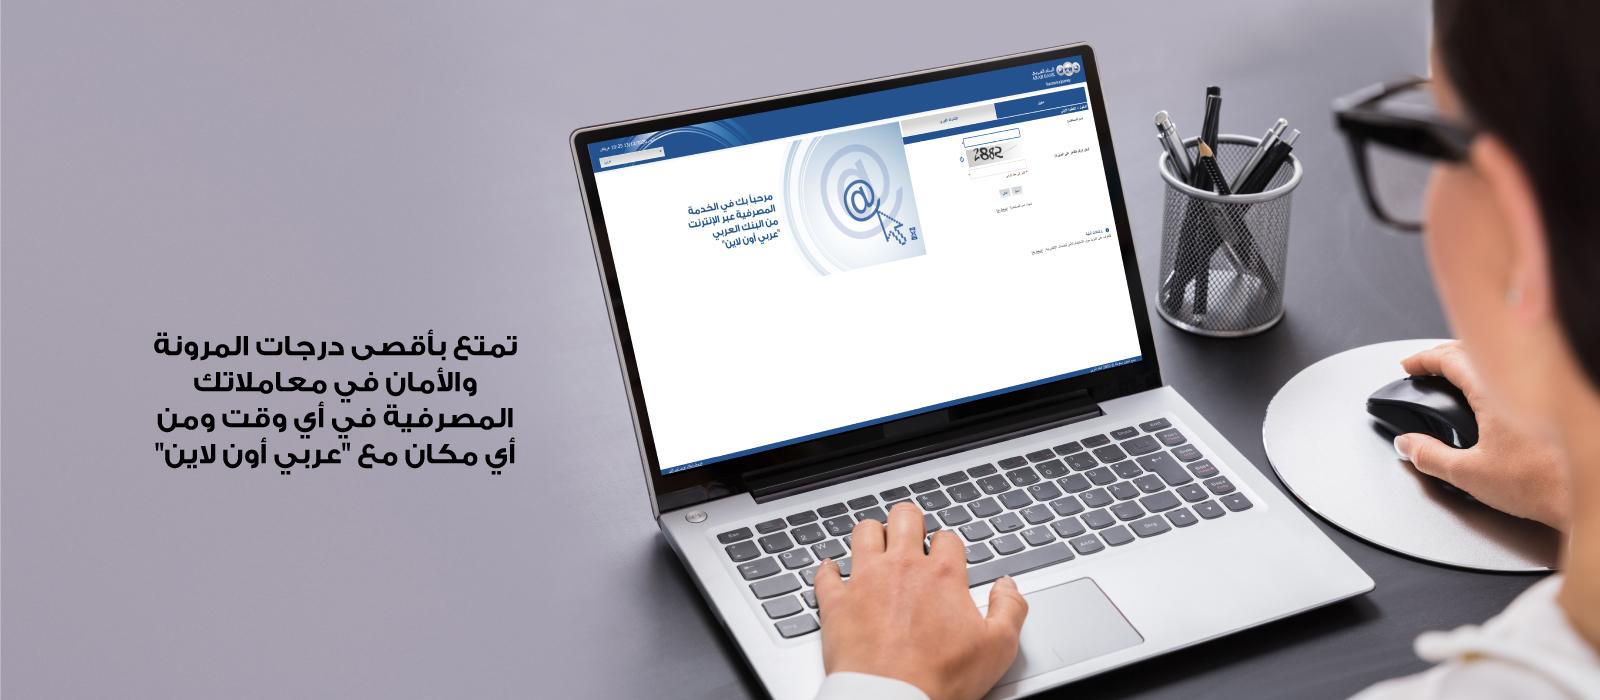 Website-banners--Arabi-Online--AR